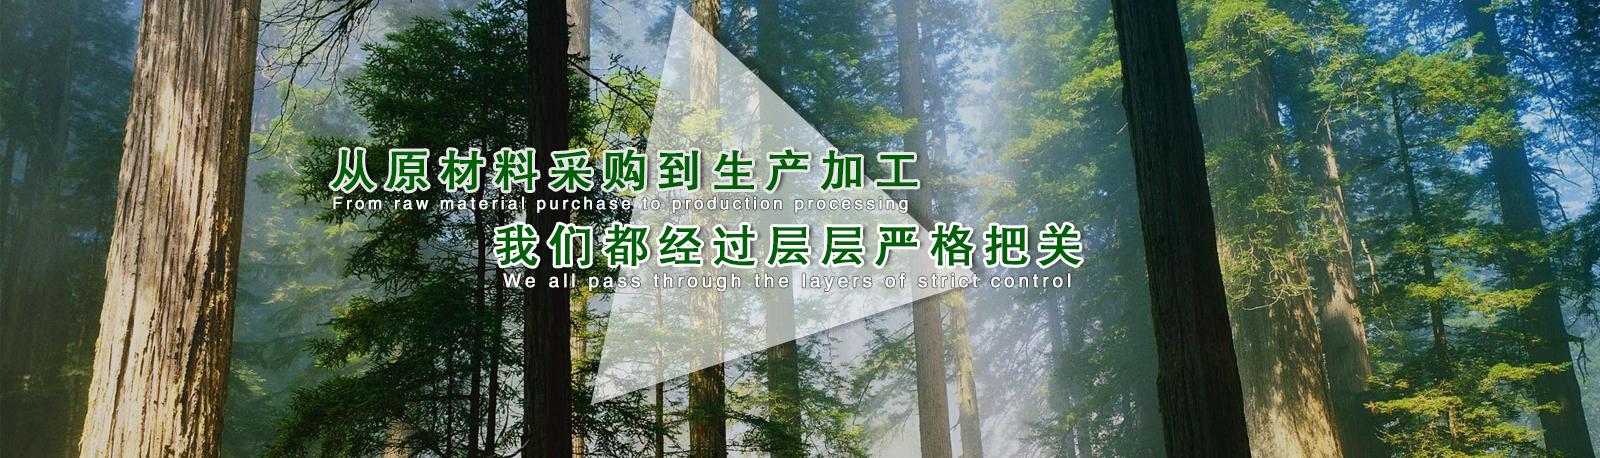 贵州生态板价格